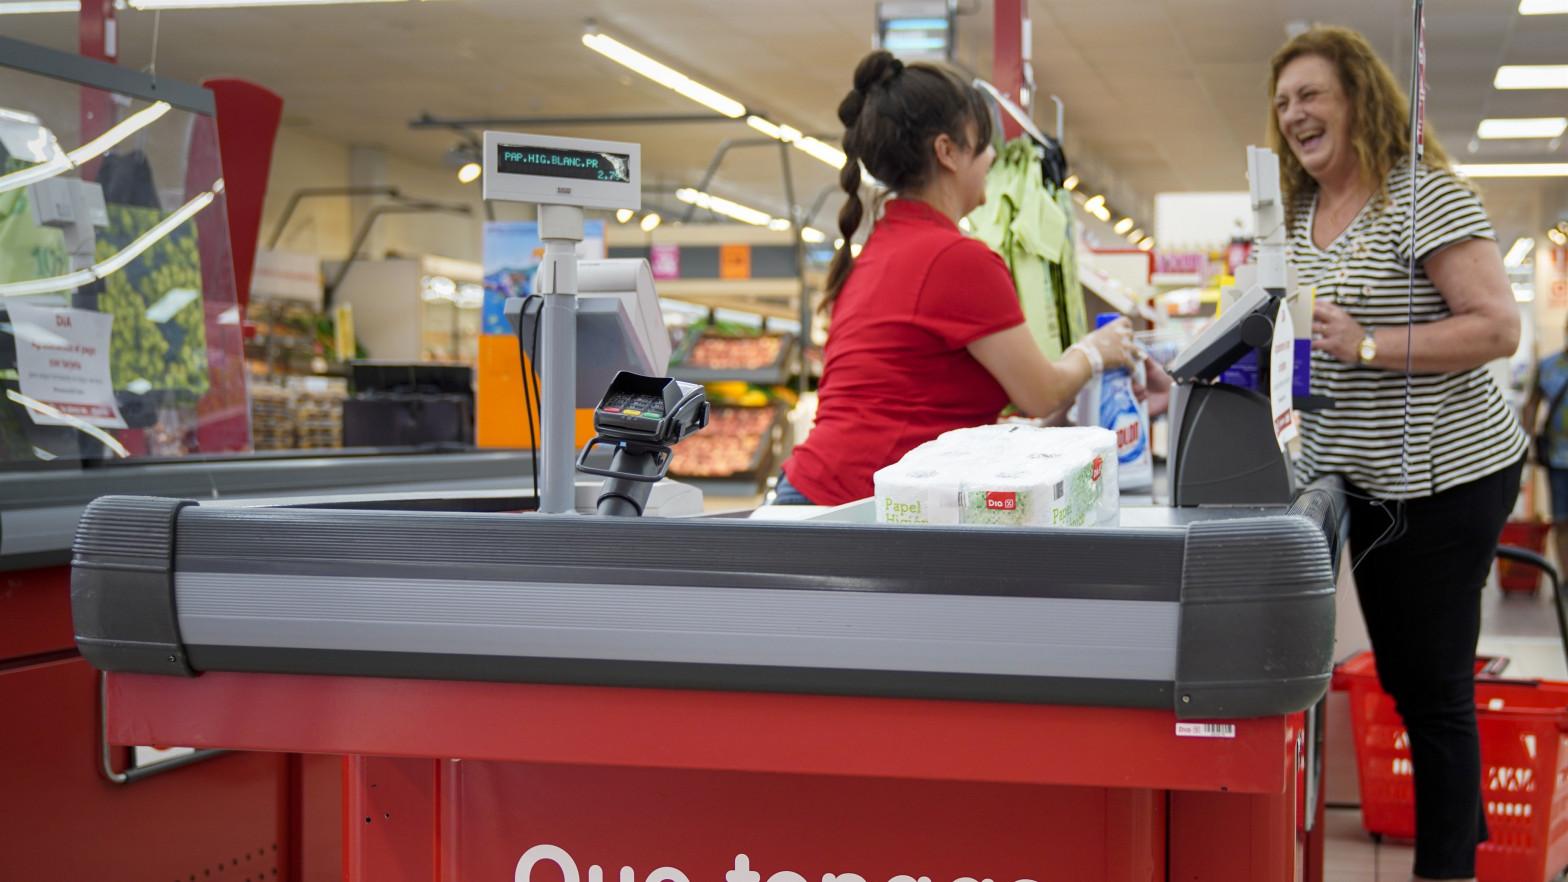 DIA facturó un 7,3 % menos en el primer trimestre tras cerrar 69 tiendas